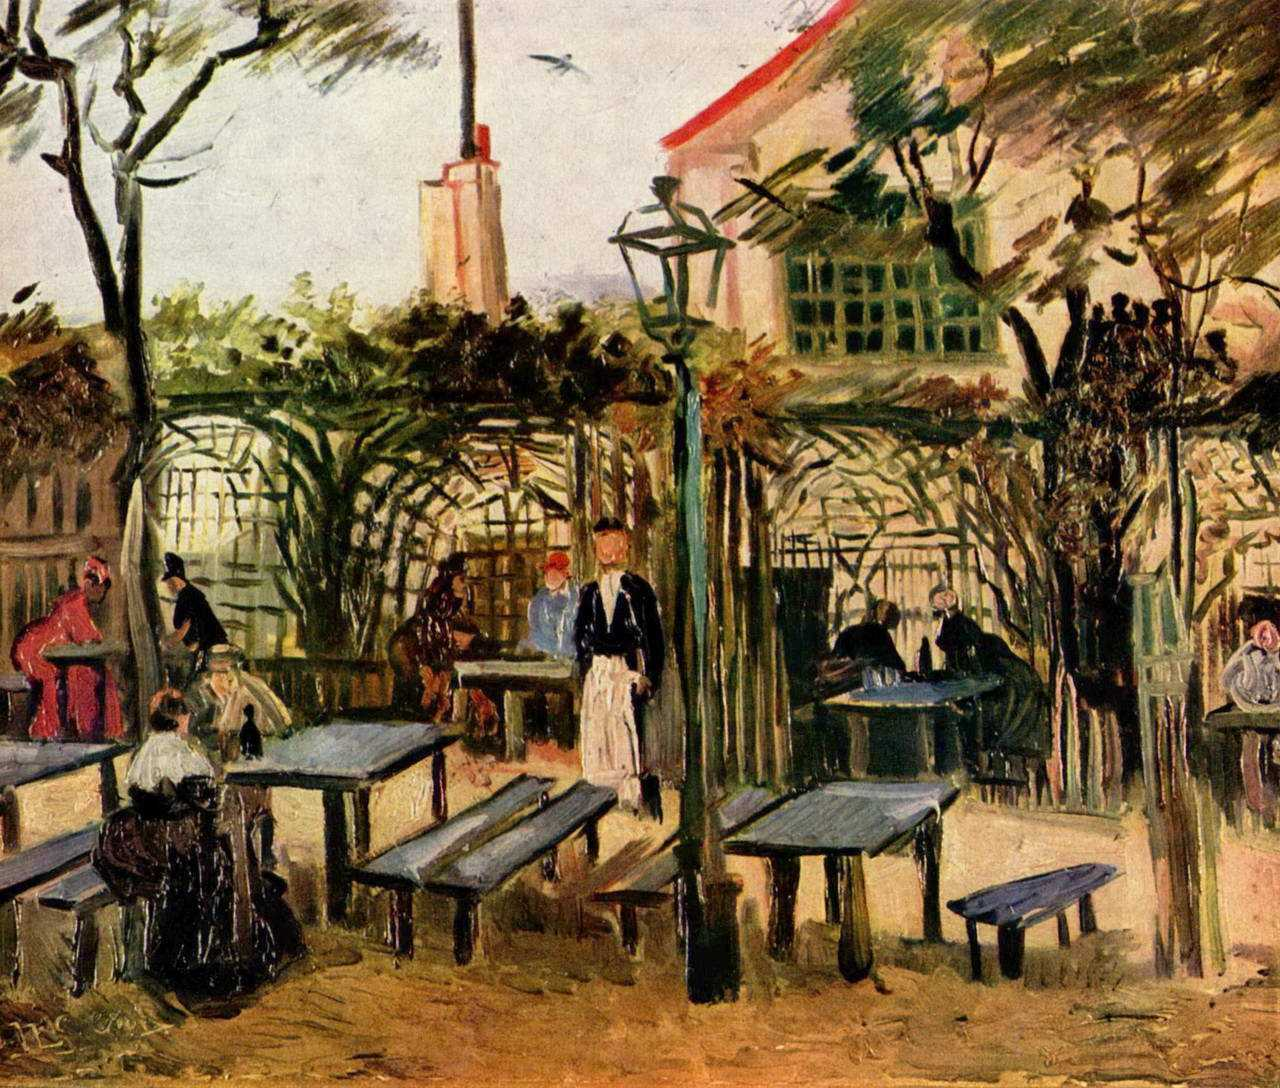 Винсент Виллем. Кафе под открытым небом Генгетт на Монмартре. 1886 год - Философия развития и проблема города